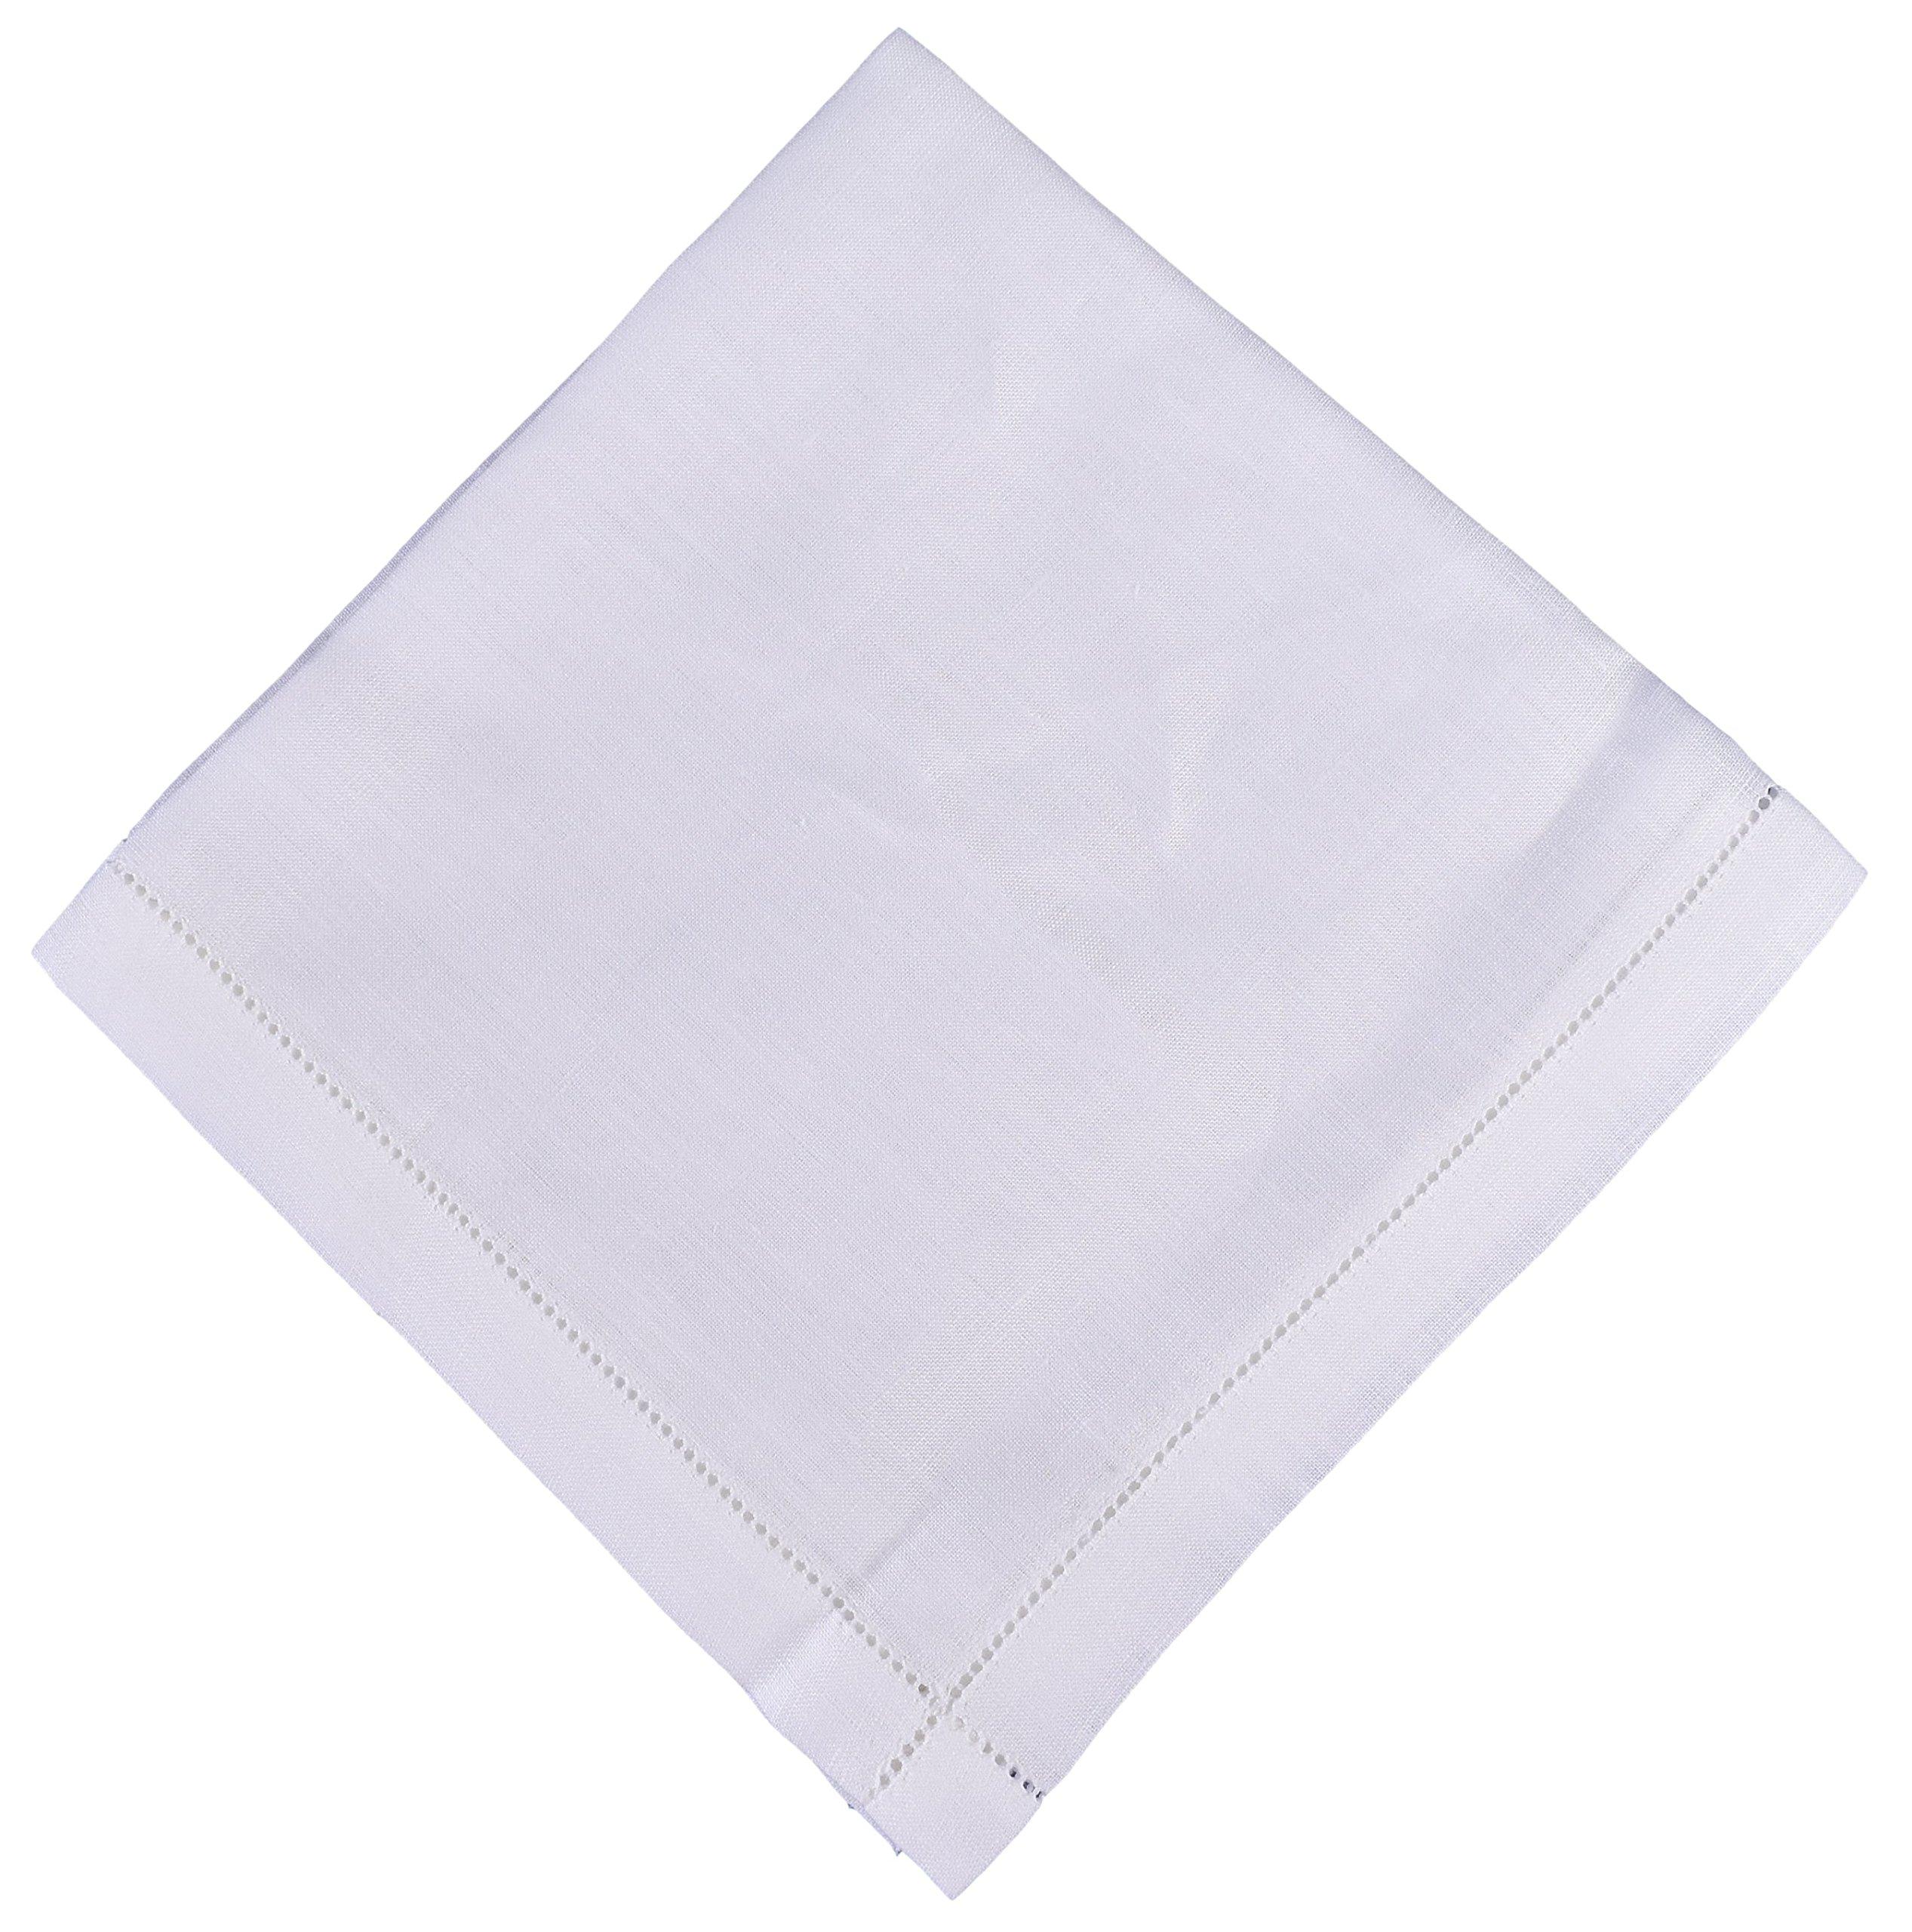 Thomas Ferguson - Gentlemen's Hemstitched Irish Linen Handkerchief, White - Pack of 3 BH133